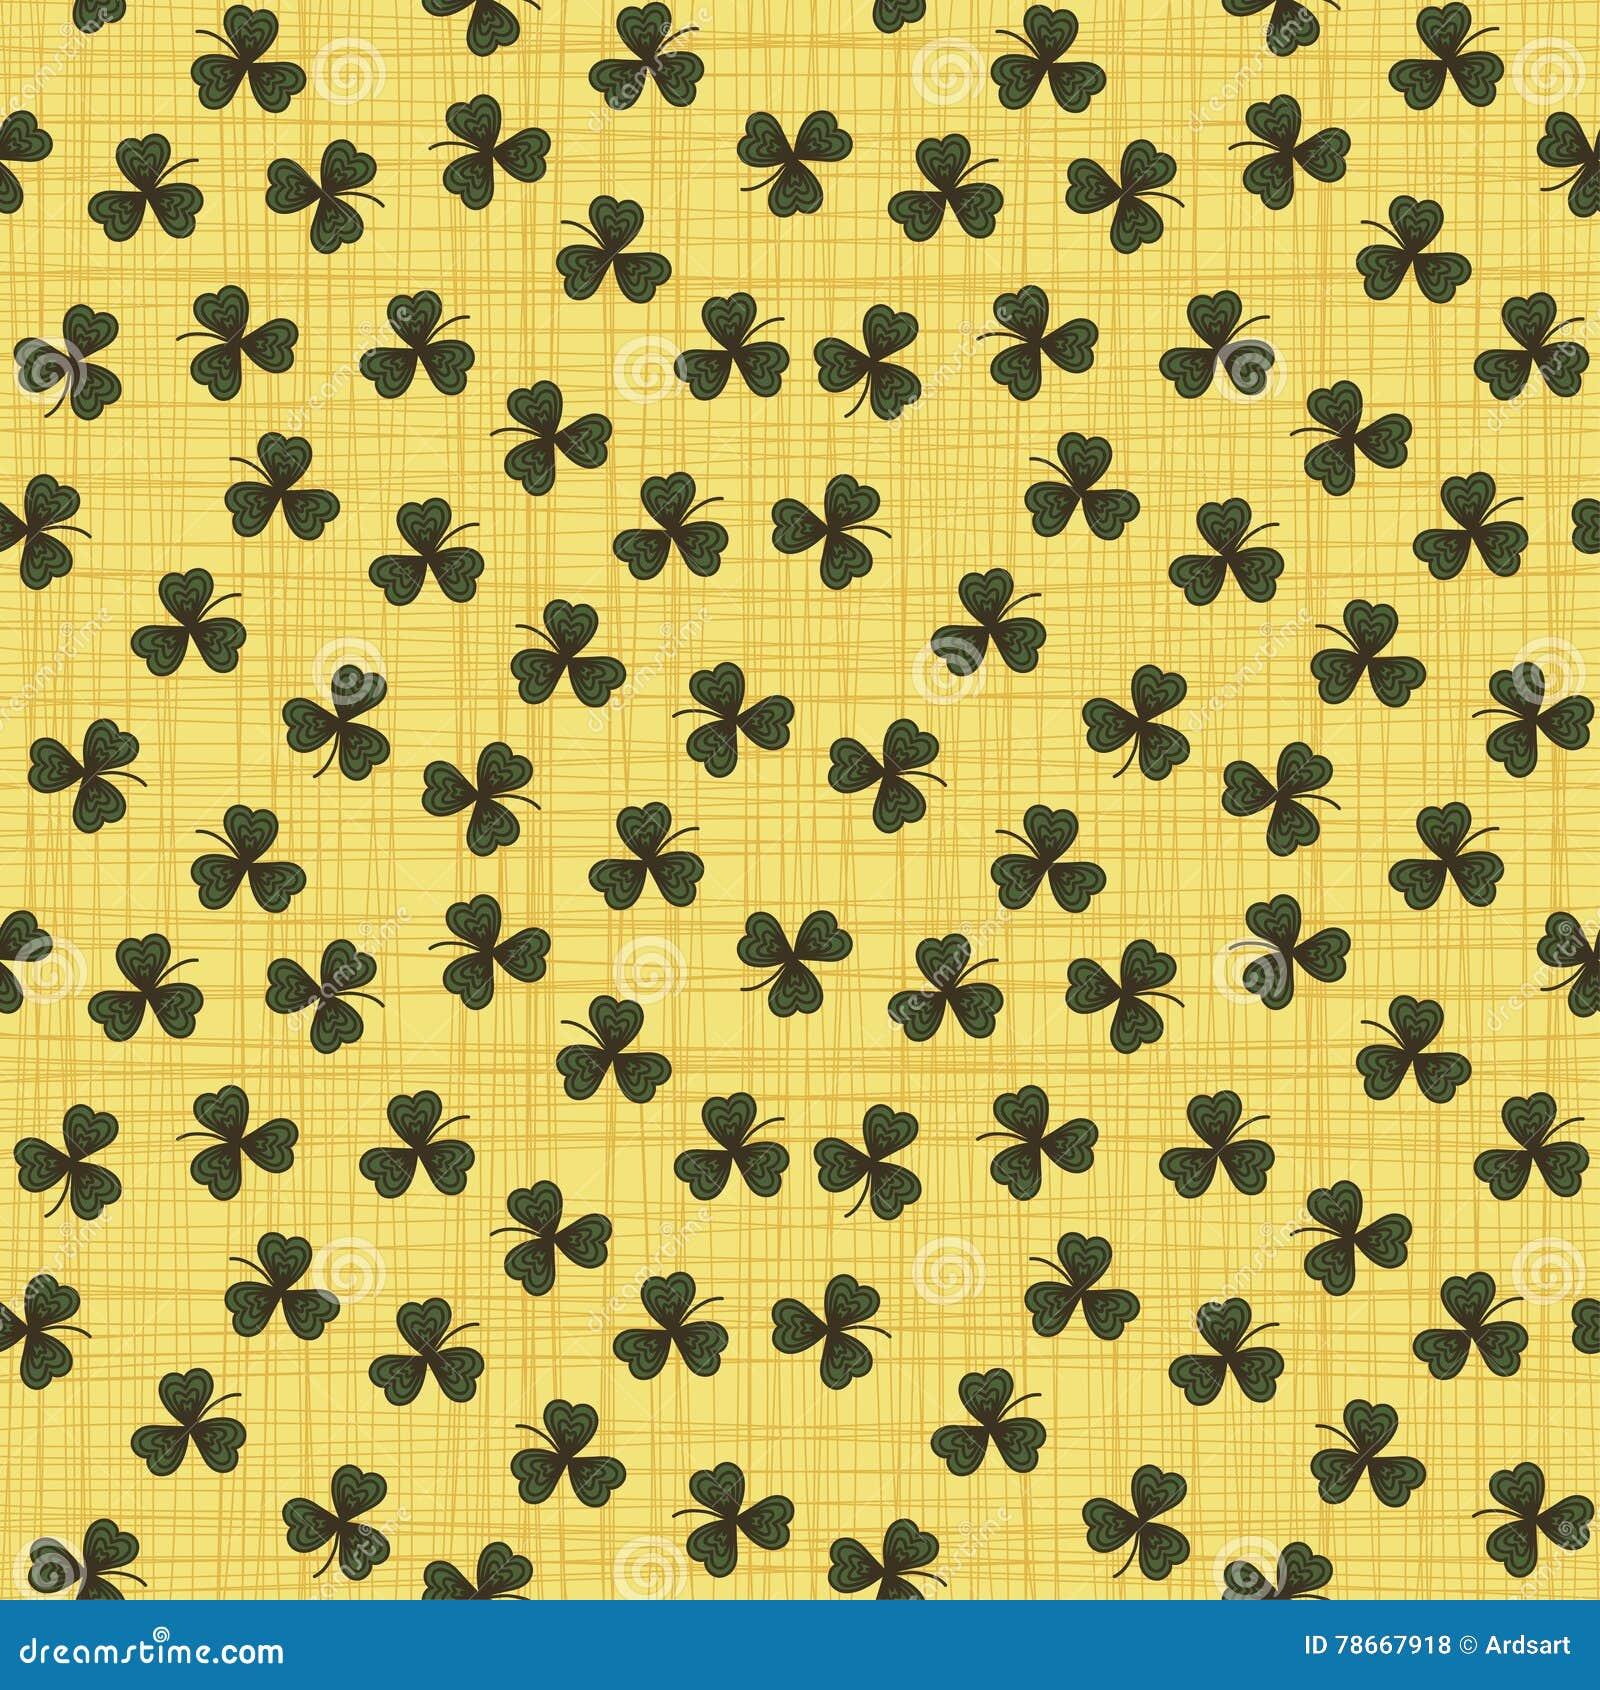 Leuk grappig naadloos patroon als achtergrond met groene klaverbladeren